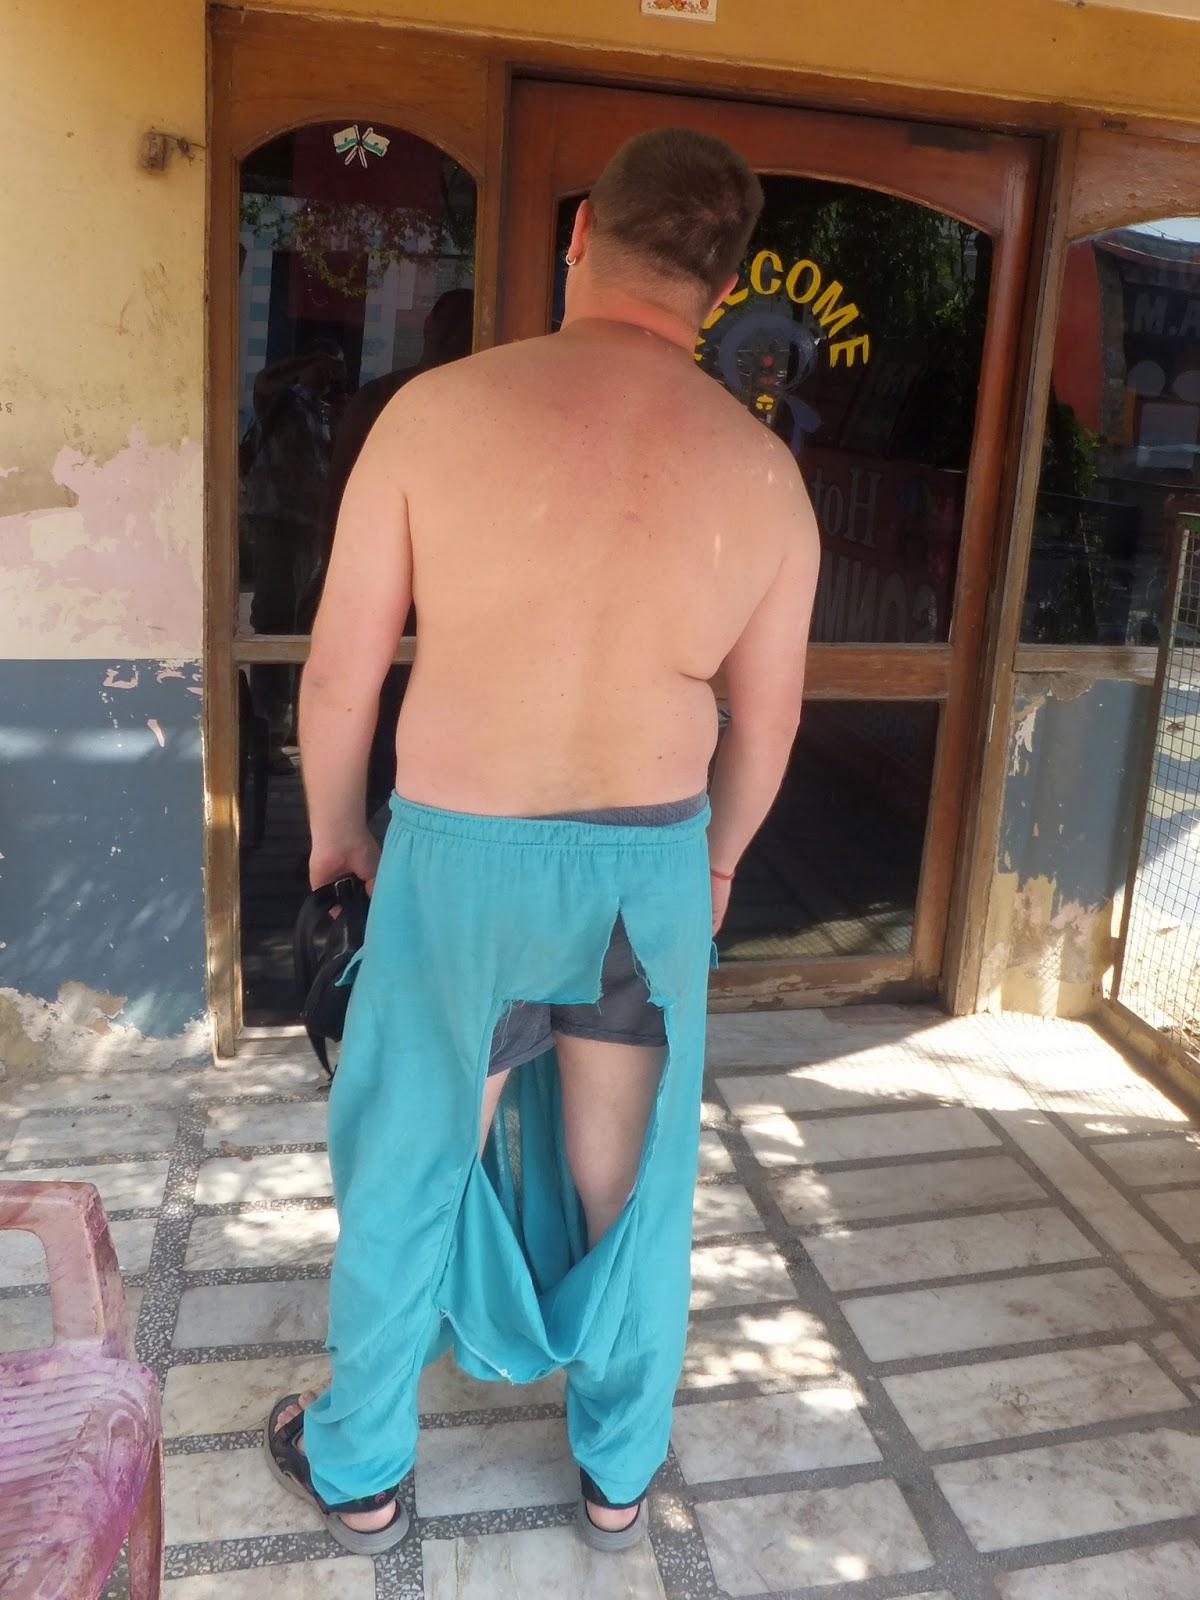 Максиму пьяные индусы порвали штаны во время праздника холи